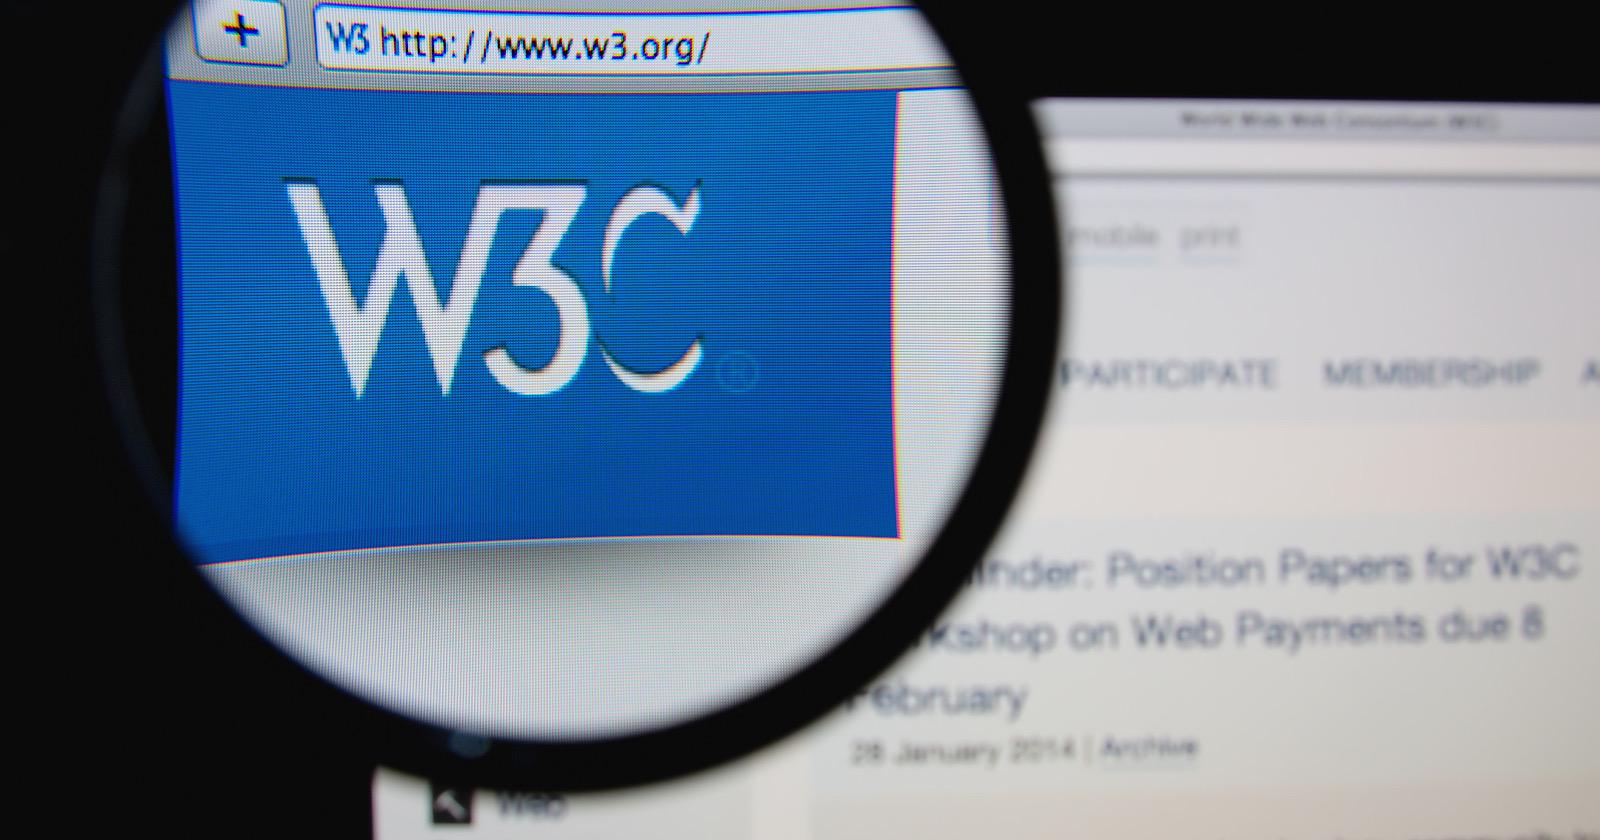 John Mueller từ Google: chúng tôi đã không sử dụng xác nhận W3C trong kết quả của Lọ 3